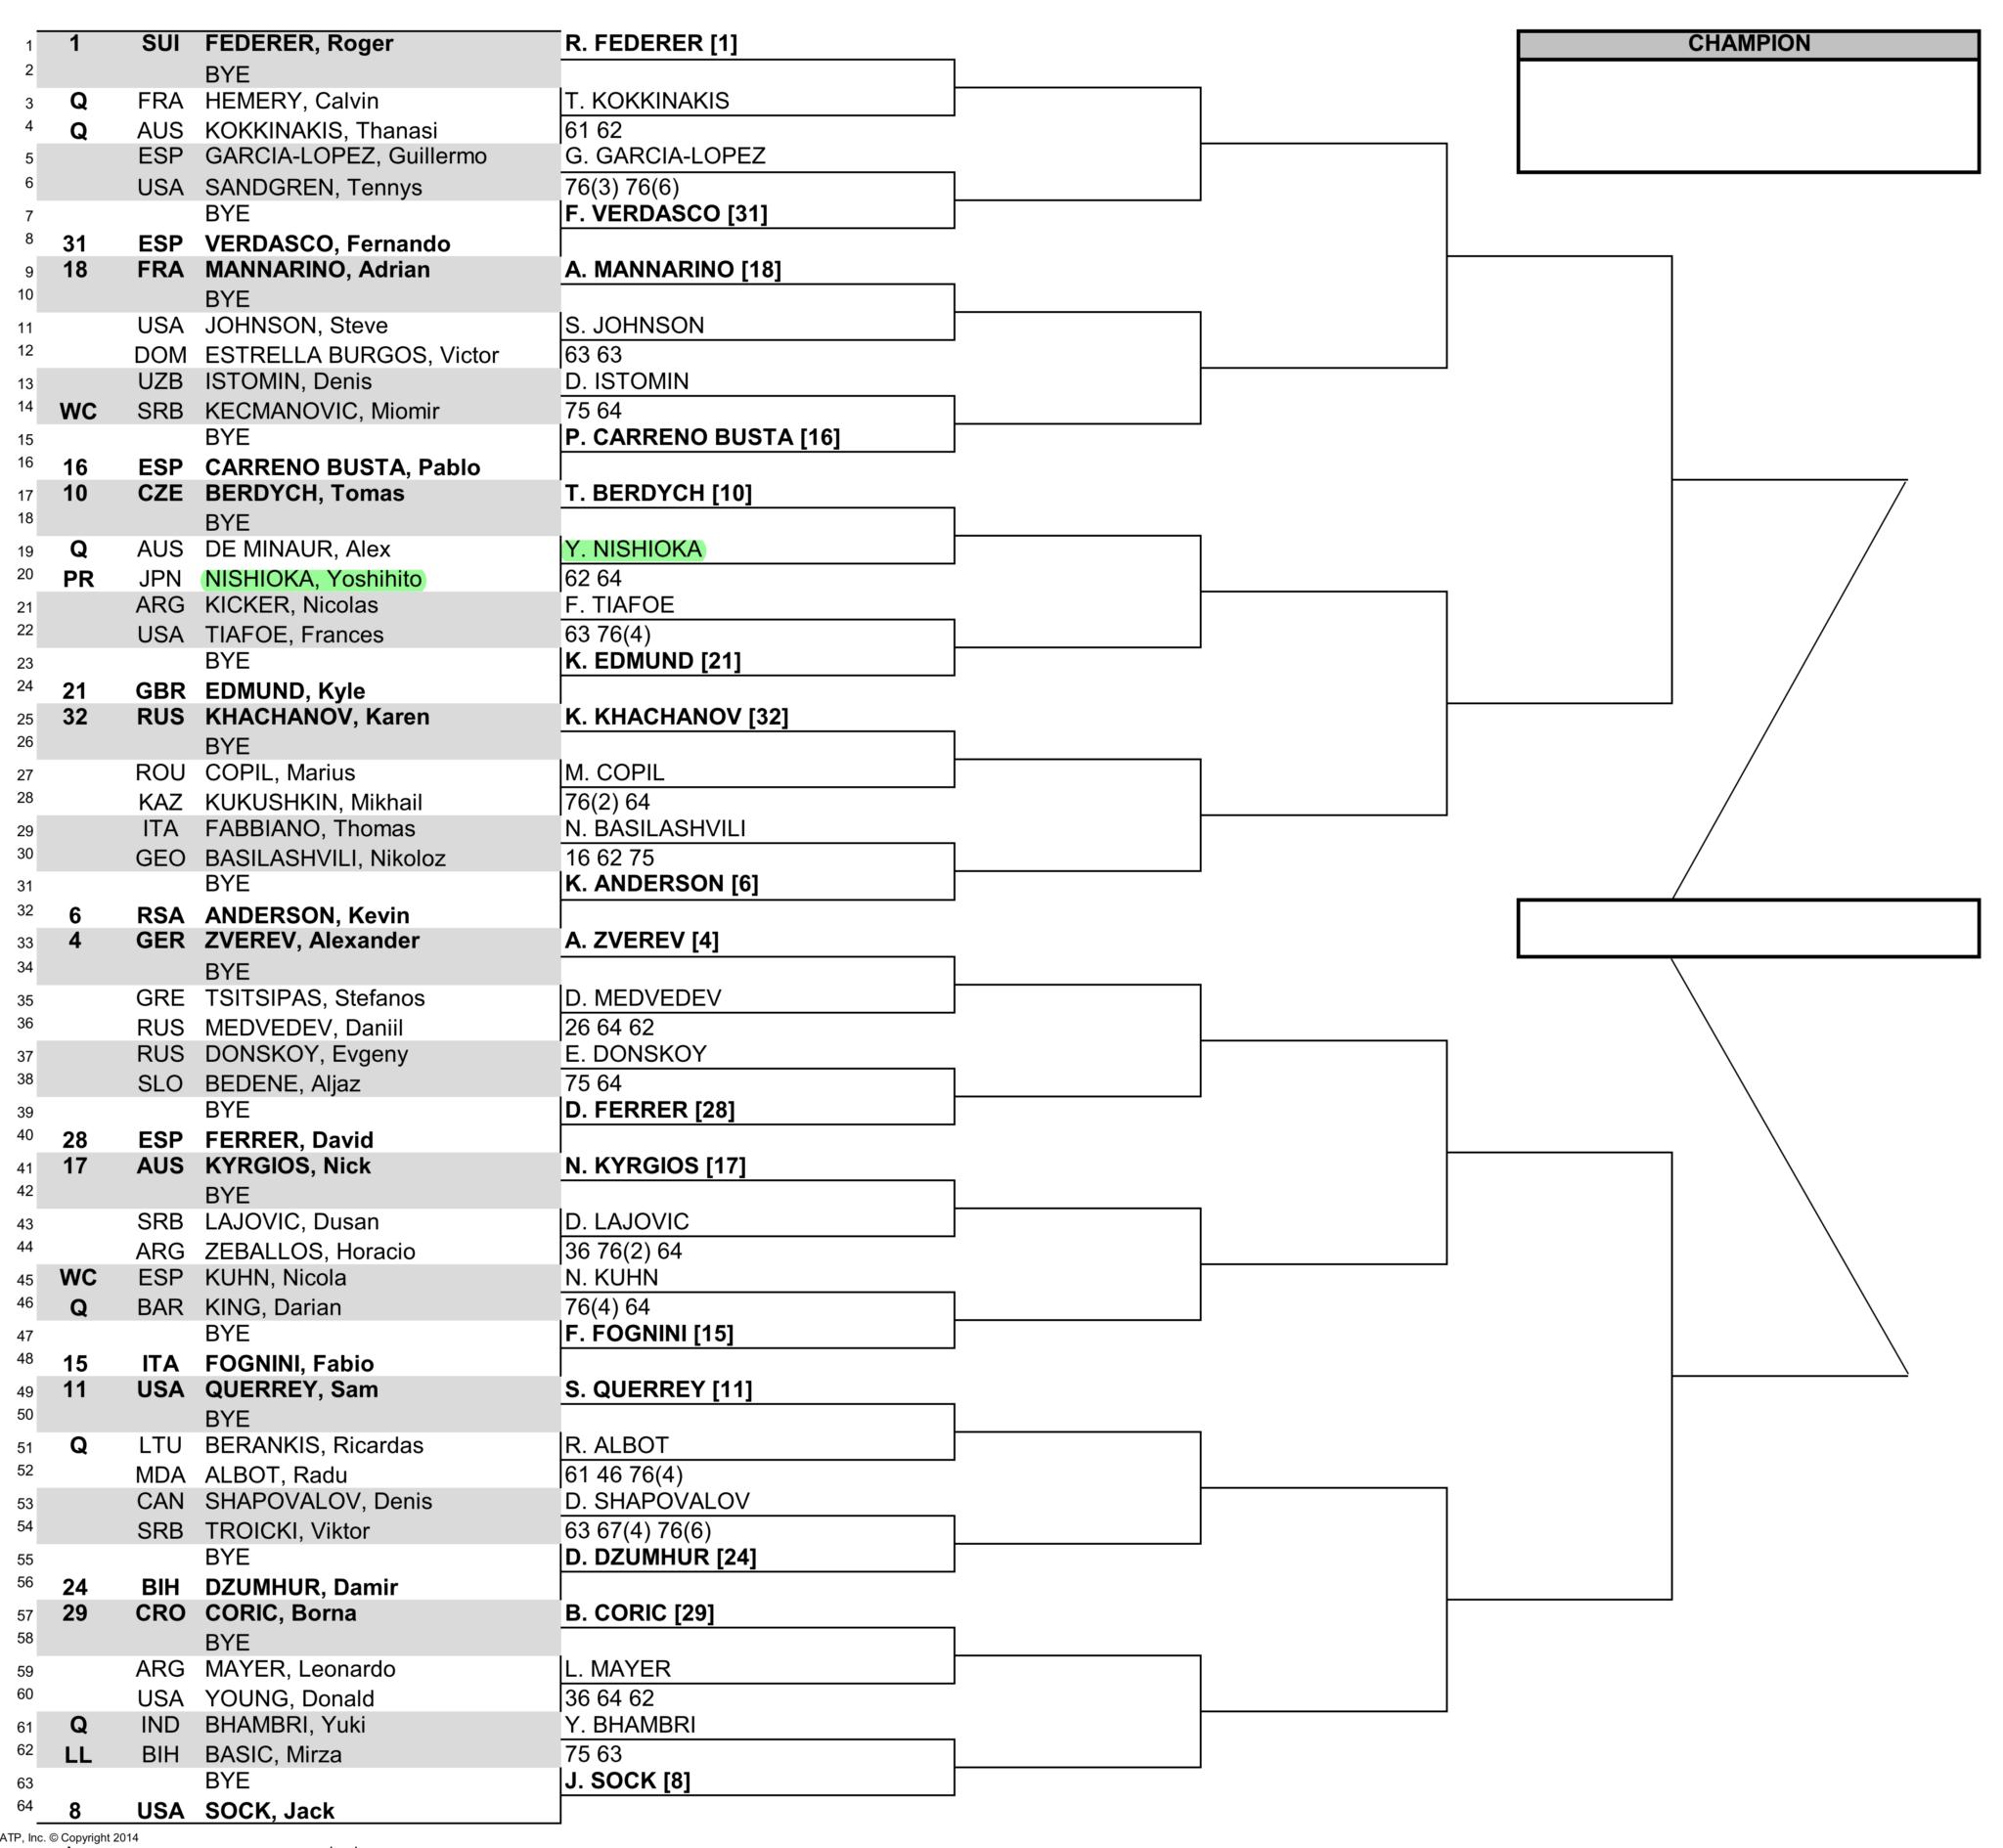 マイアミオープン男子ドロー(トーナメント表)トップハーフ